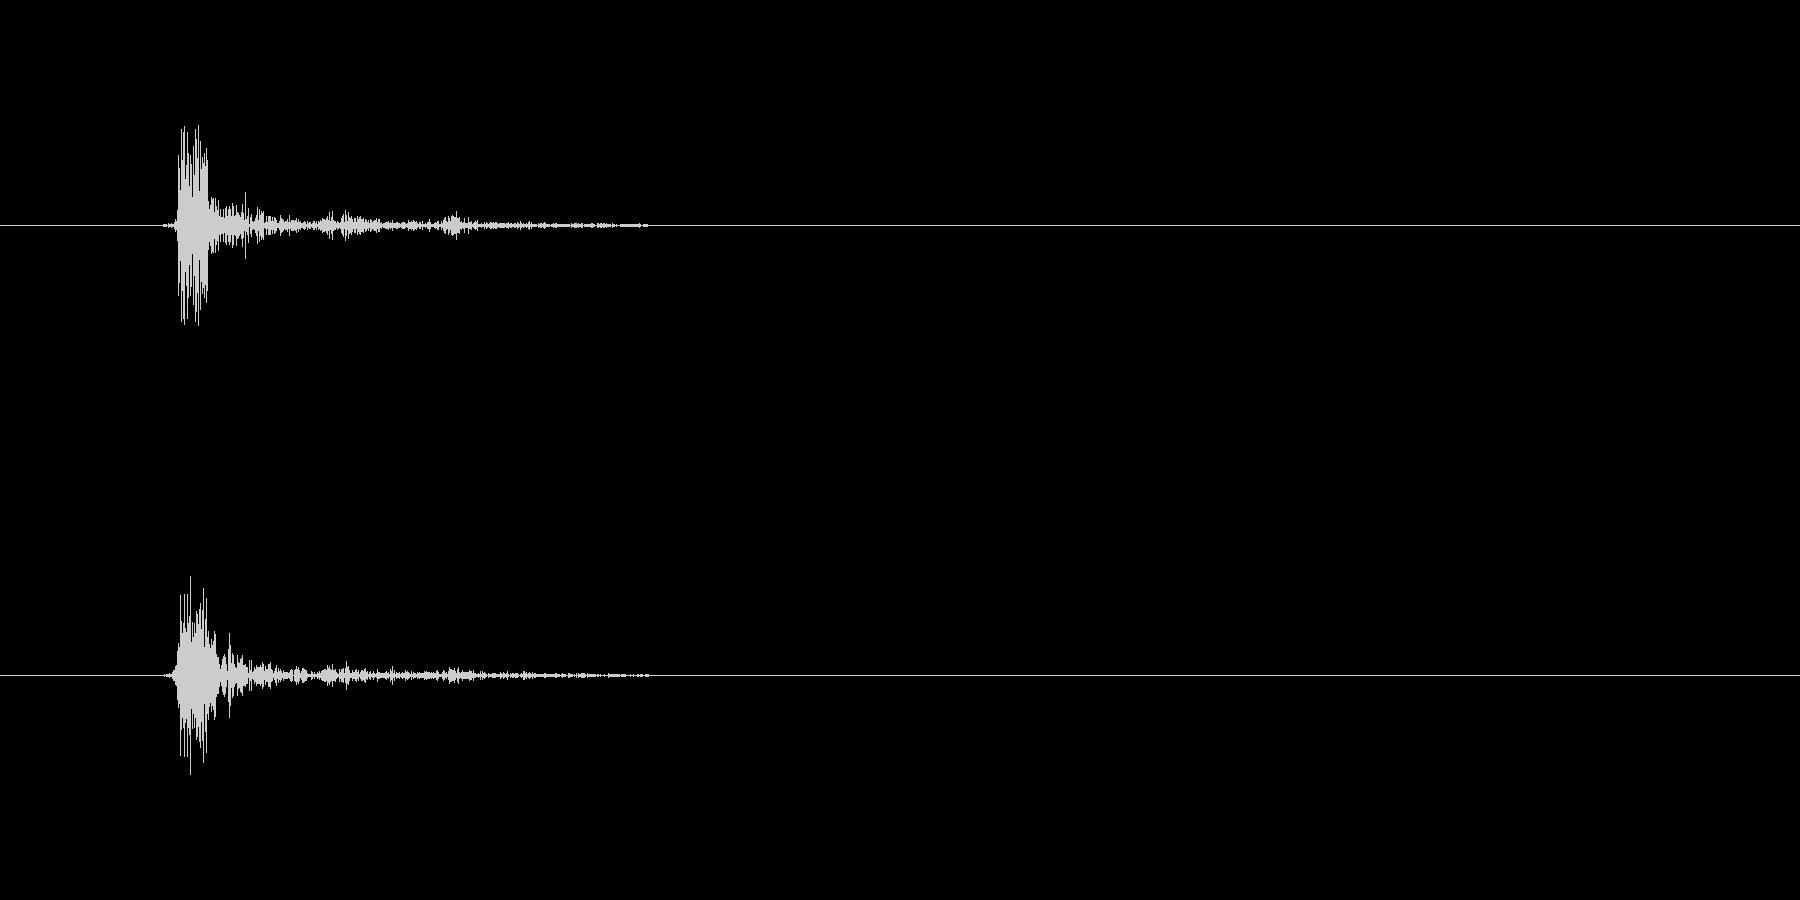 カッ(叩く音)短めの音の未再生の波形